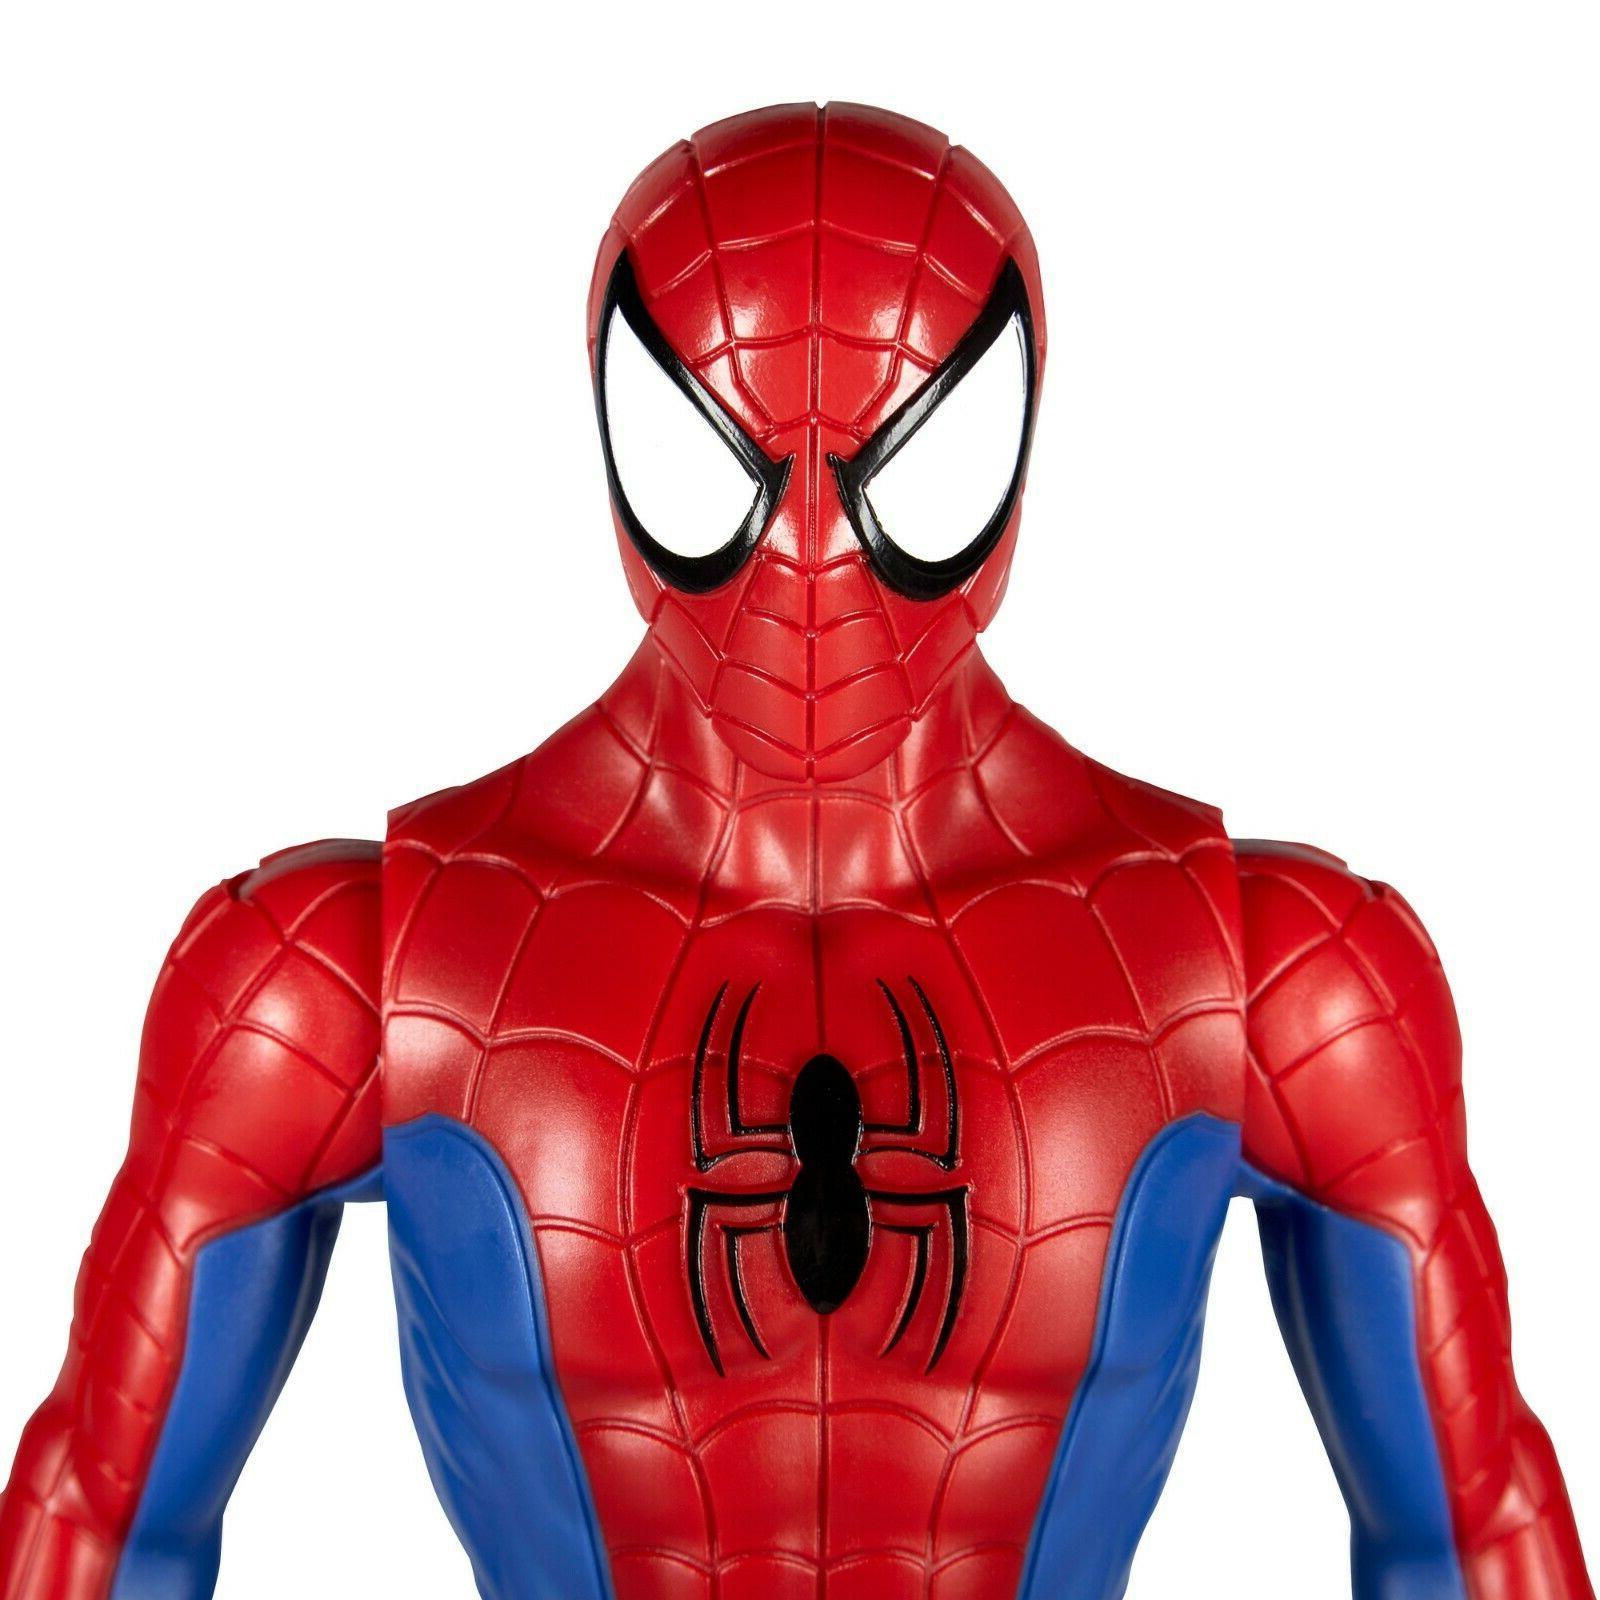 Spider-Man Titan Figure with Power Port